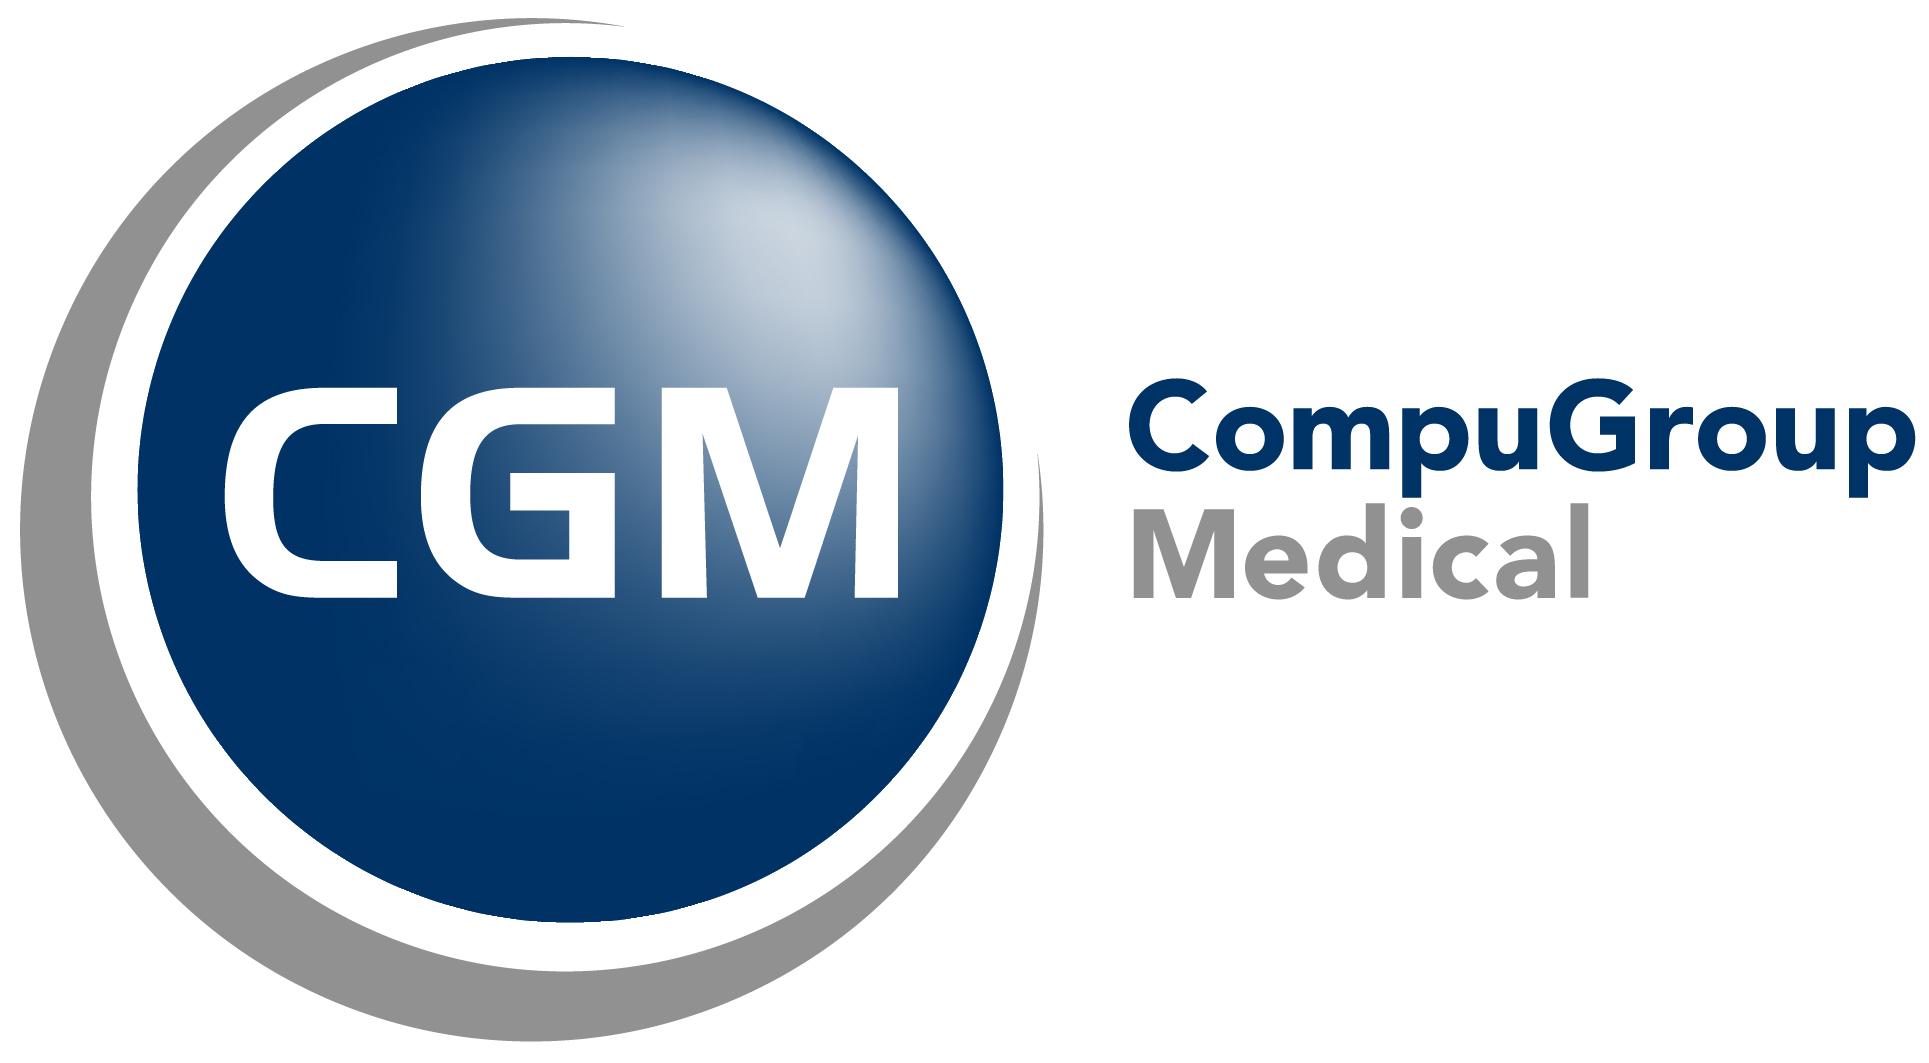 Alessandro Avezza nominato nuovo General Manager di CGM PHARMAONE.